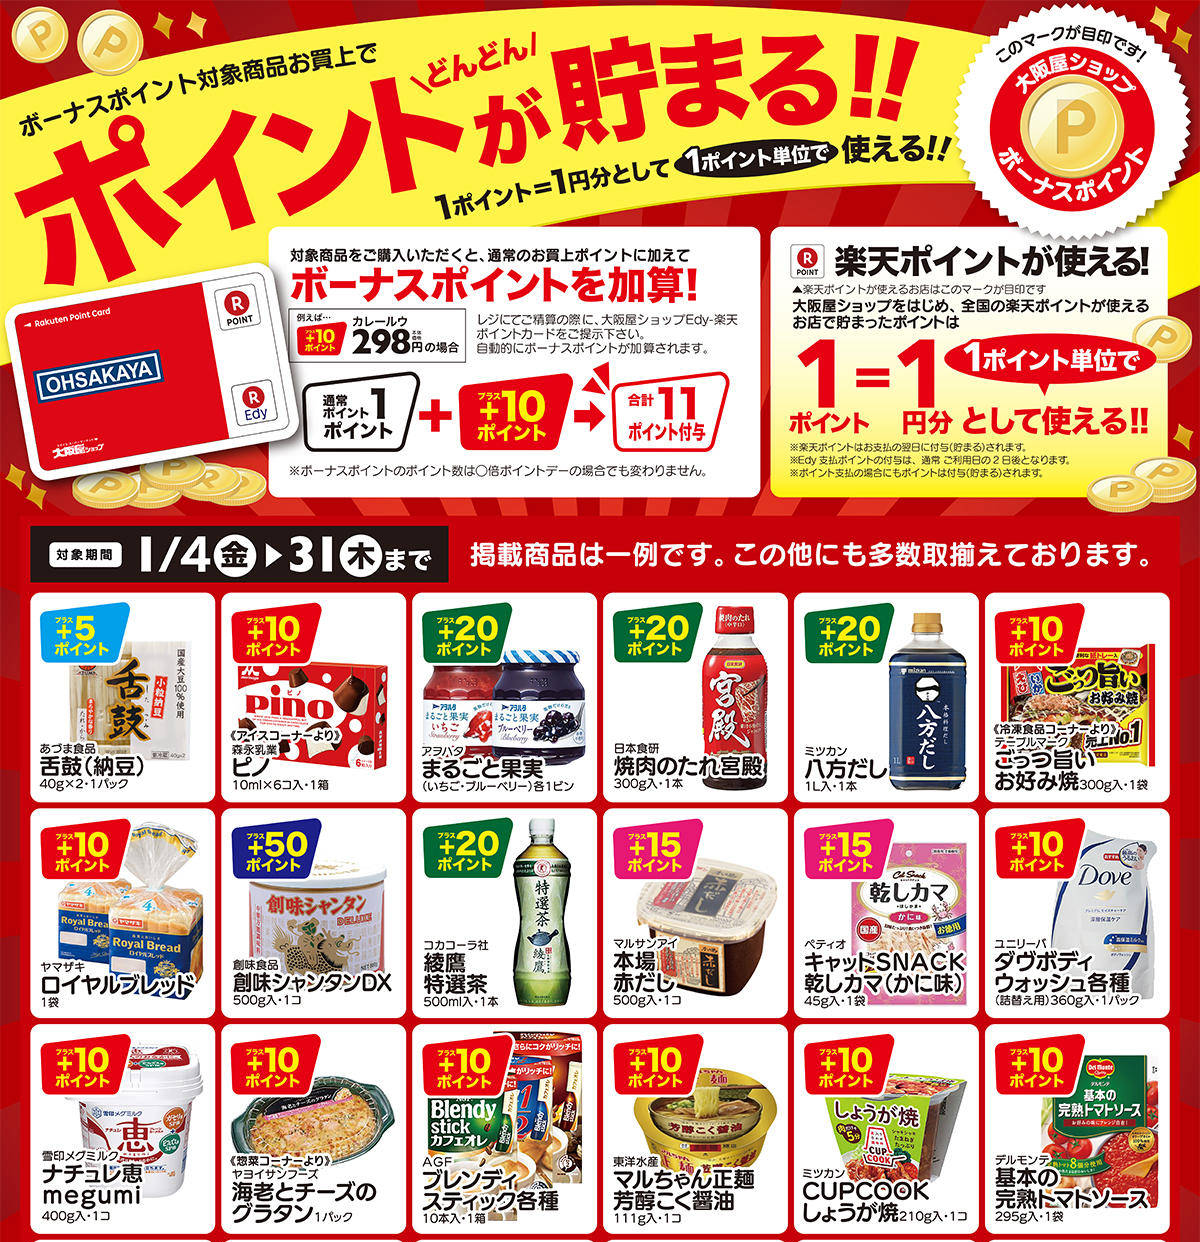 大阪屋ショップポイントカード限定のボーナスポイント